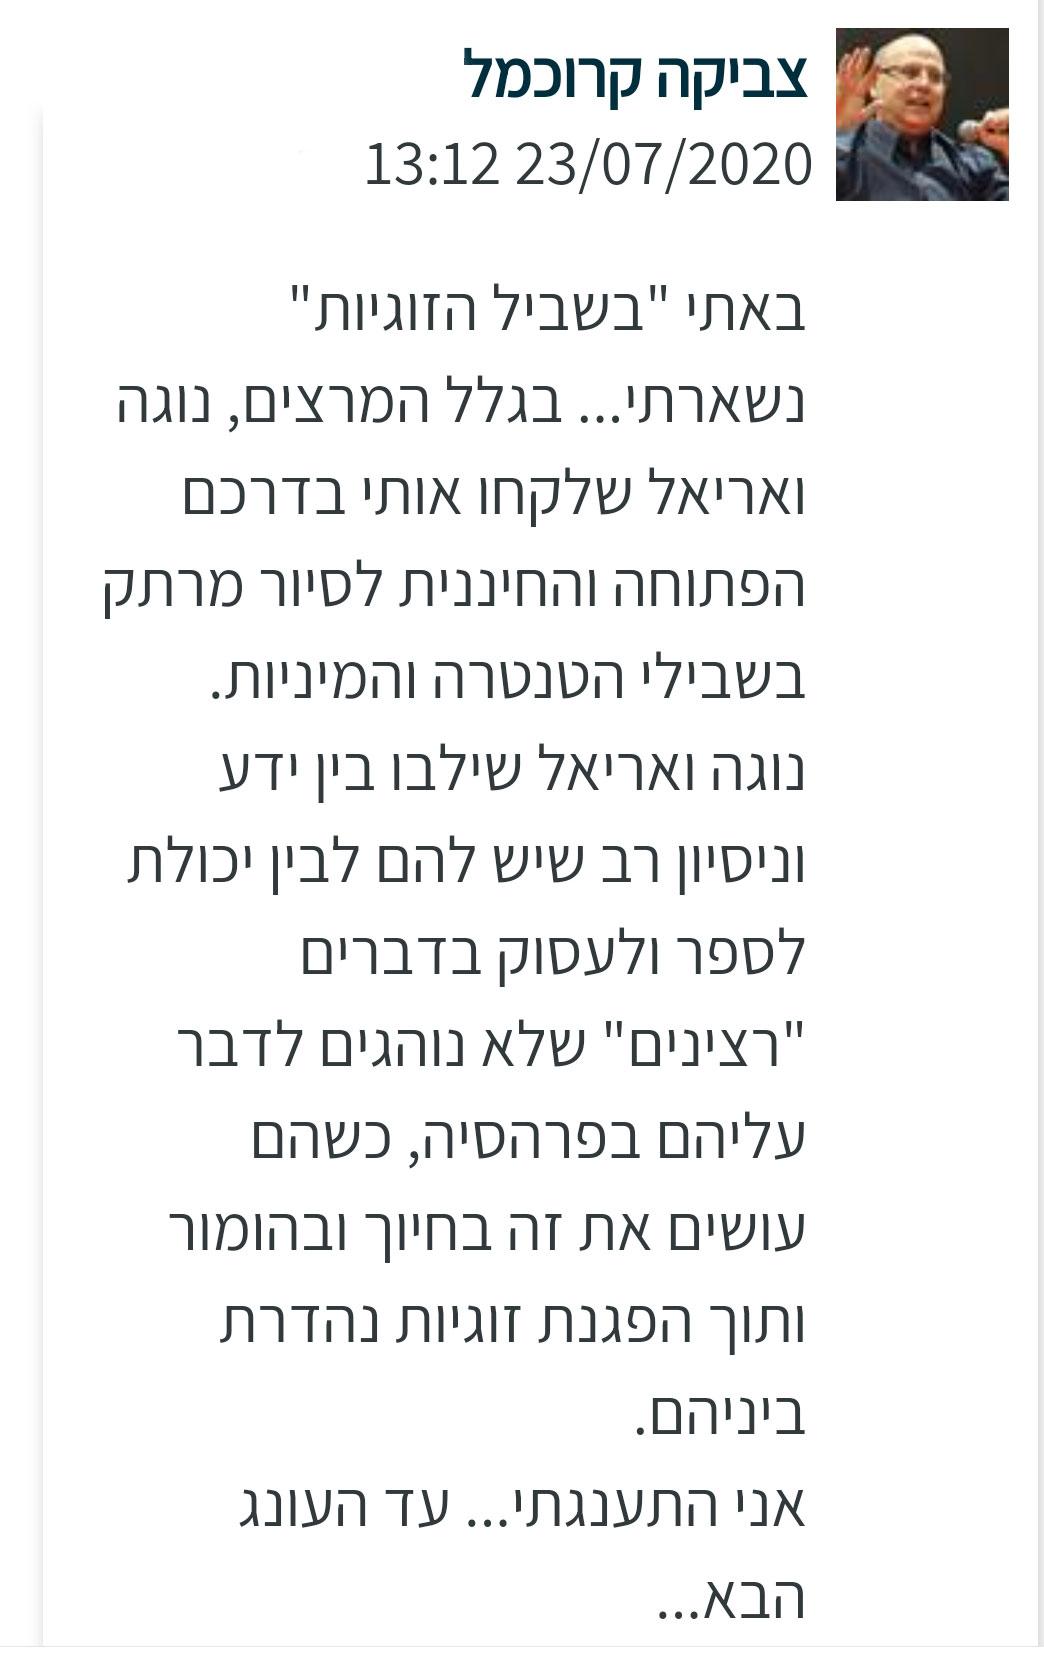 המלצה על נוגה ואריאל טמיר מאת צביקה קרוכמל